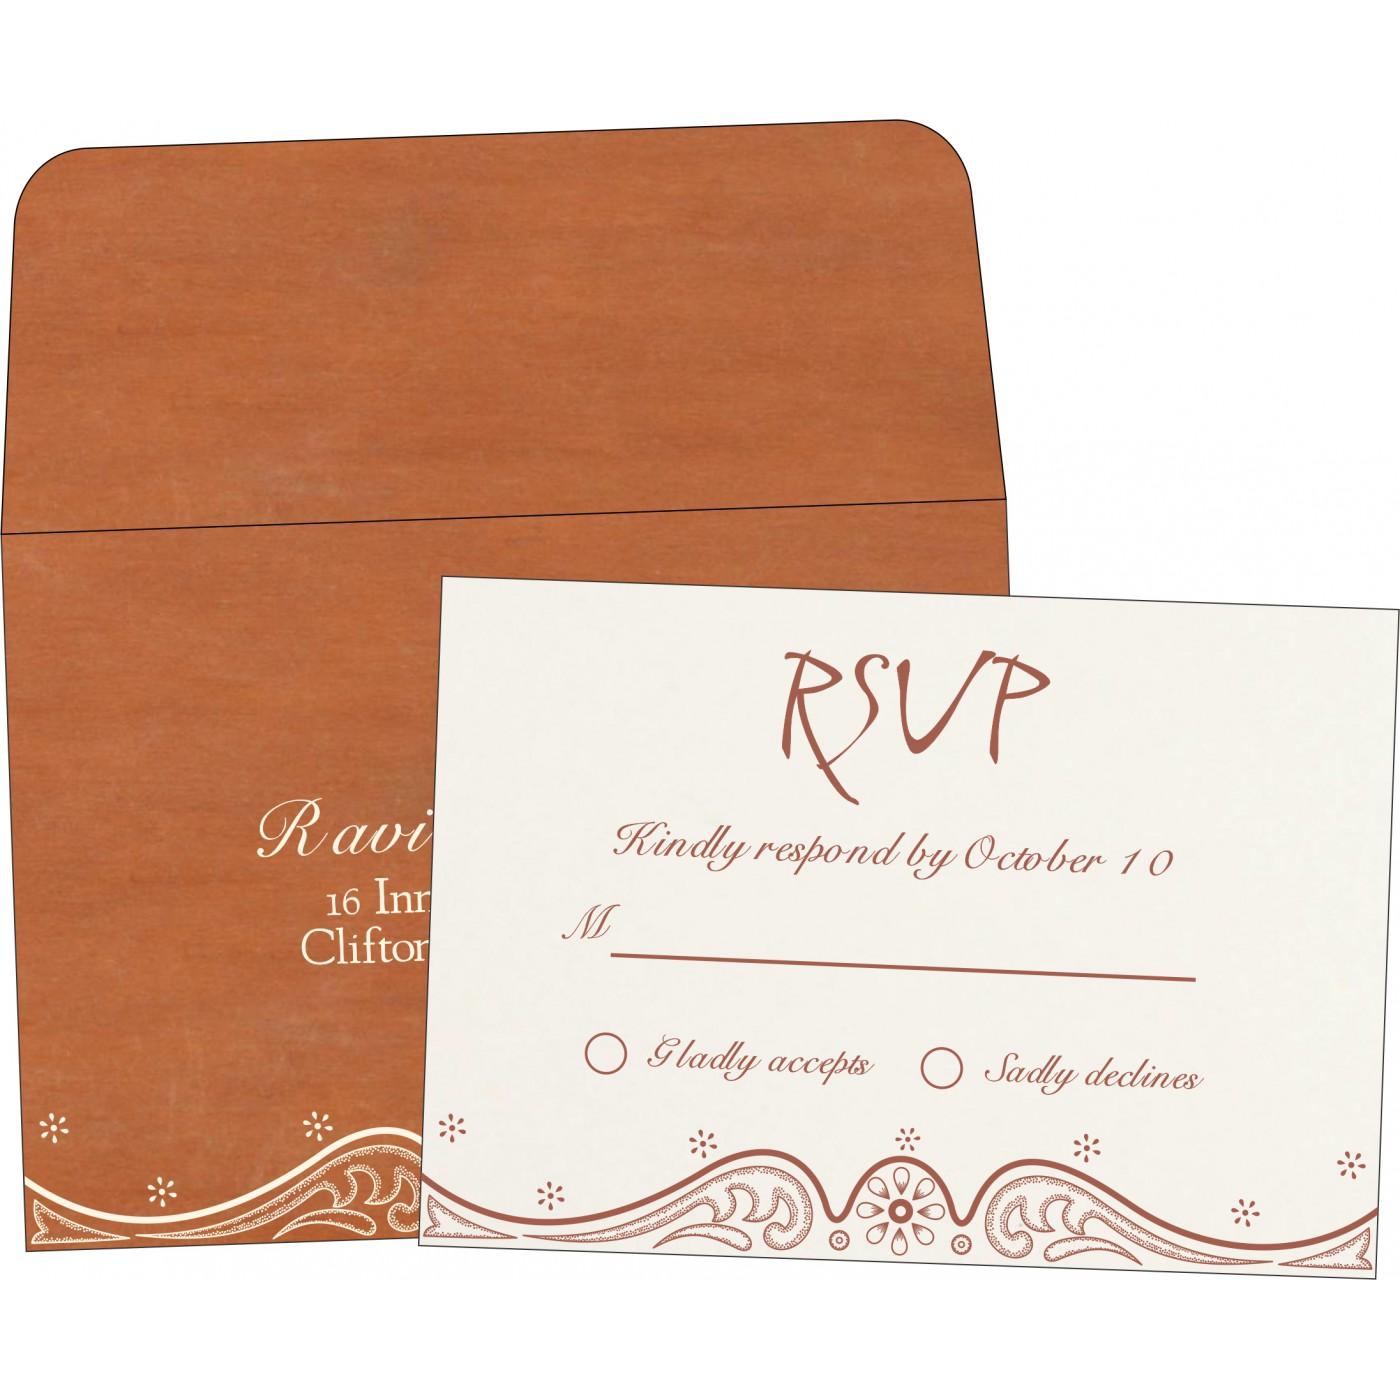 RSVP Cards : CRSVP-8221O - IndianWeddingCards